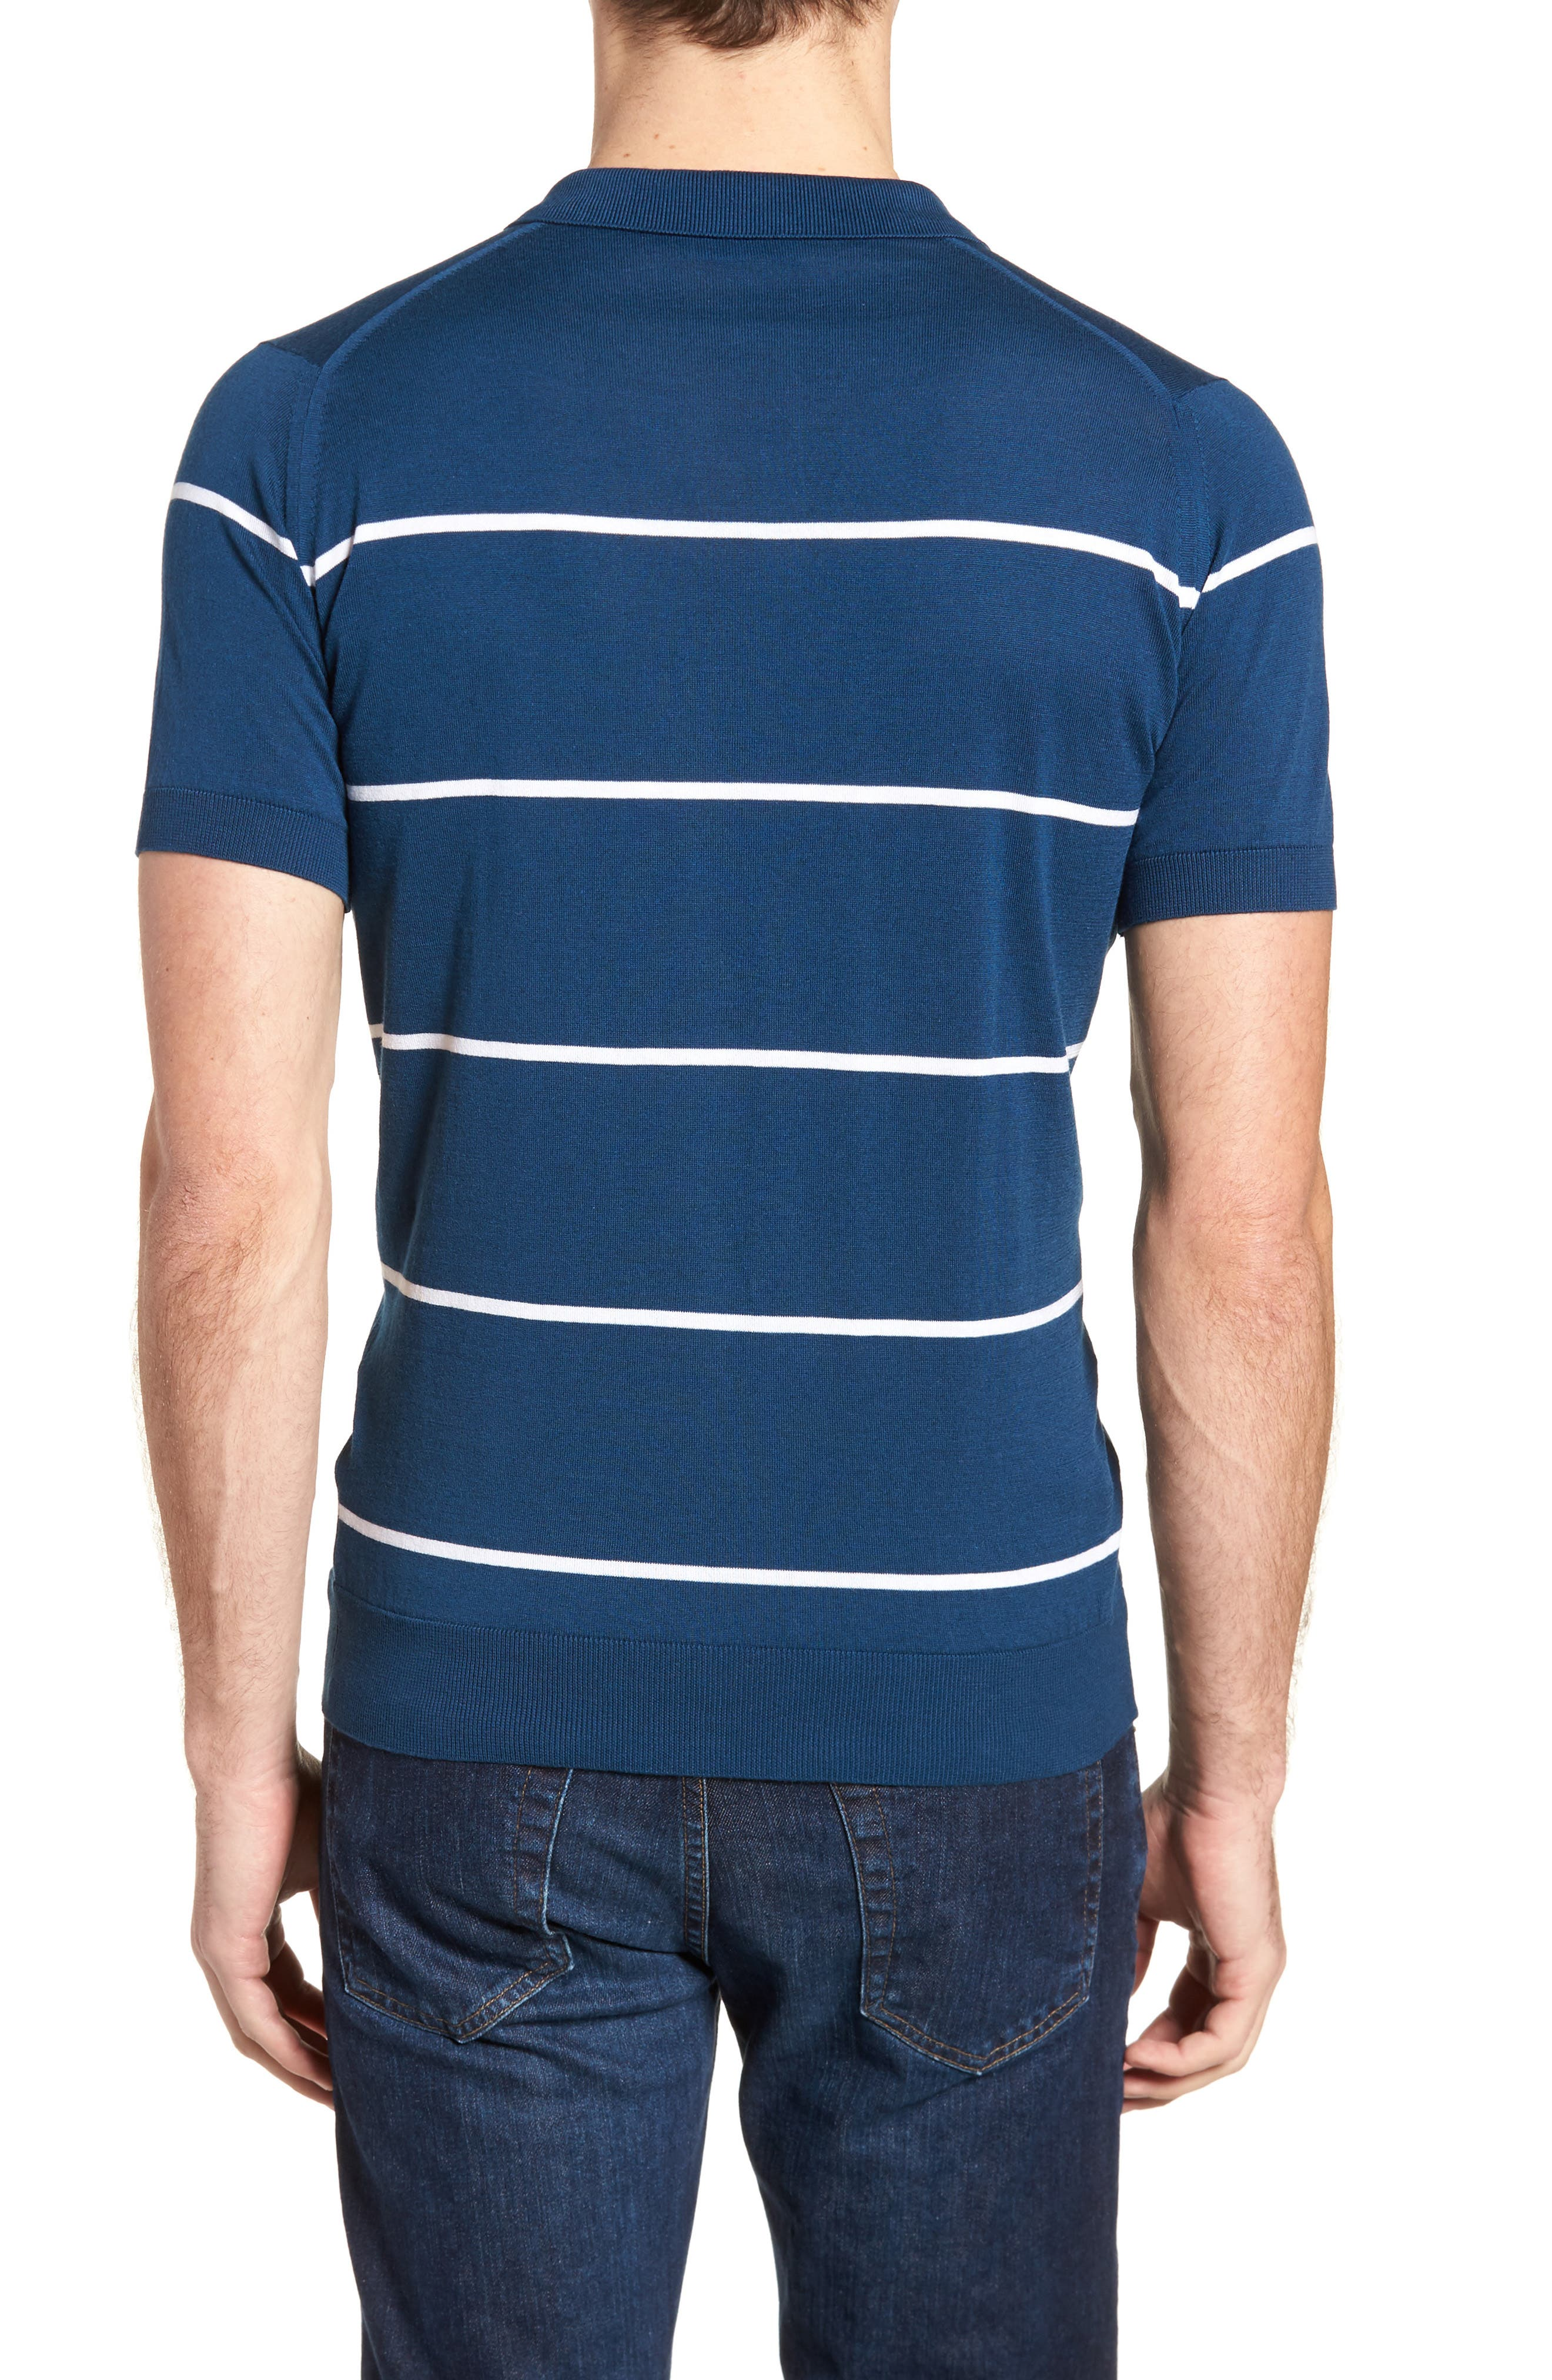 Alternate Image 2  - John Smedley Stripe Jersey Polo